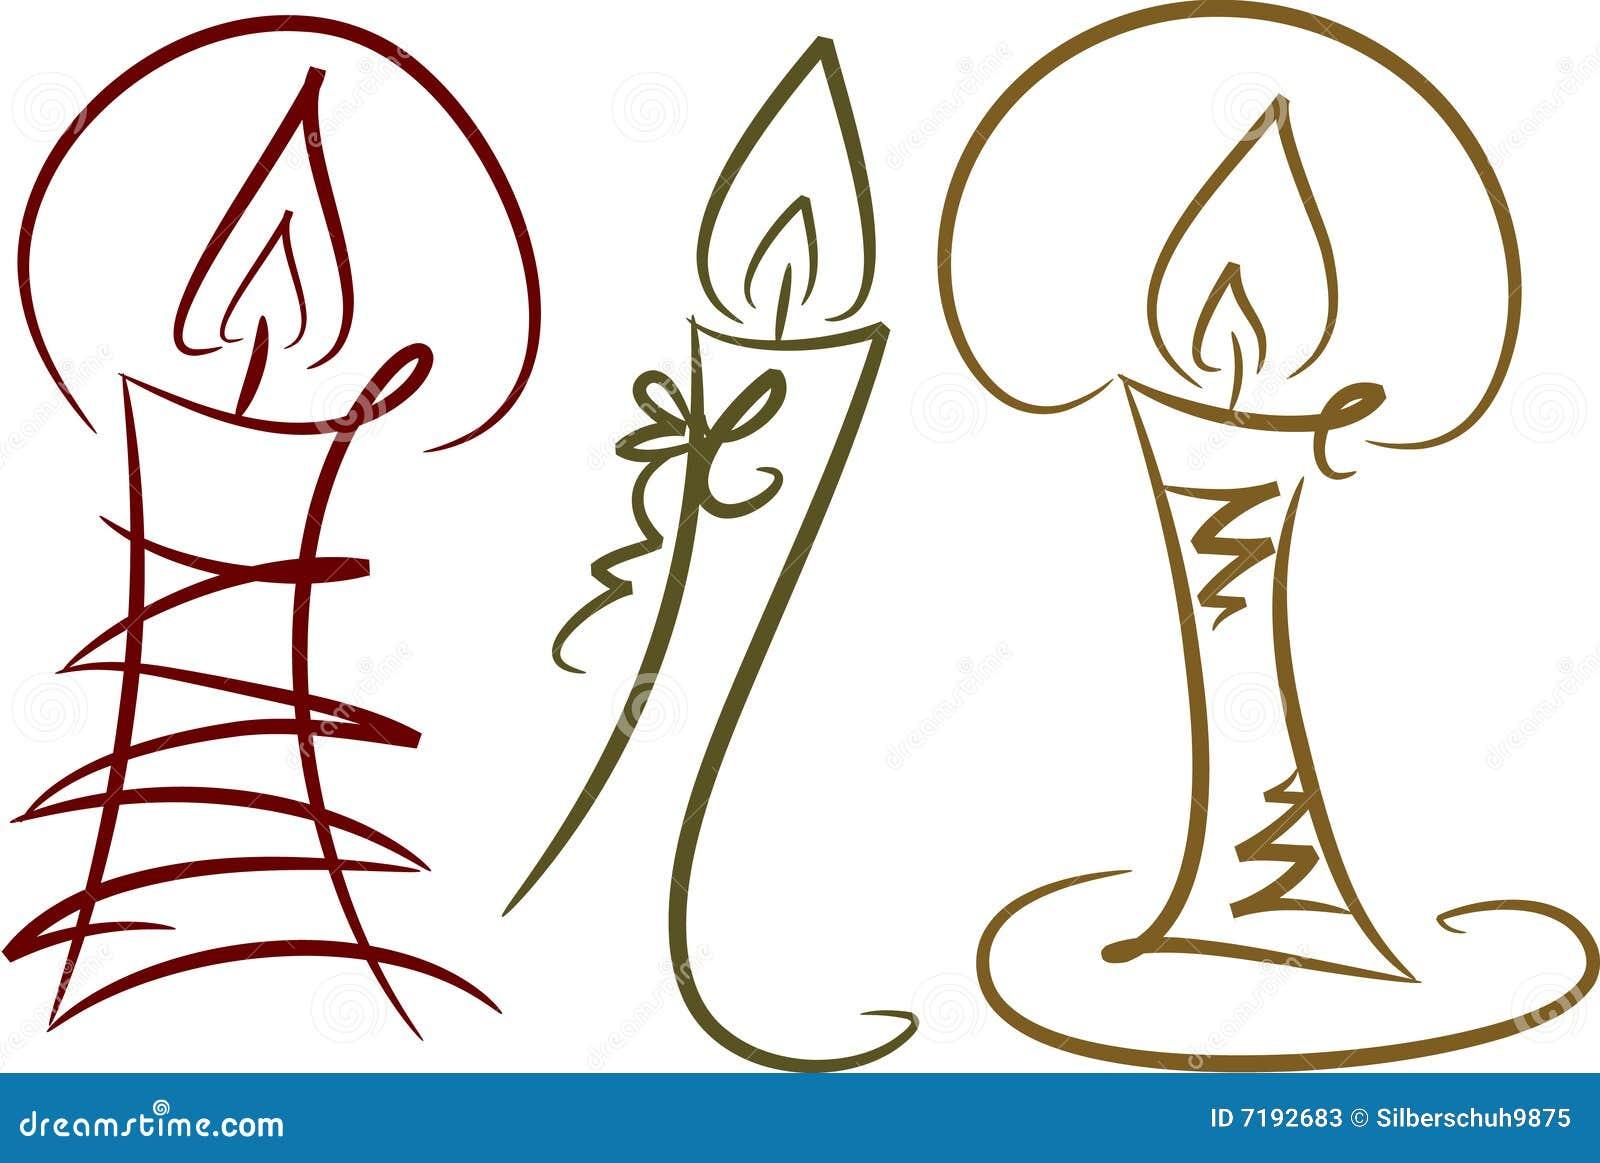 κεριά ΙΙ σύνολο